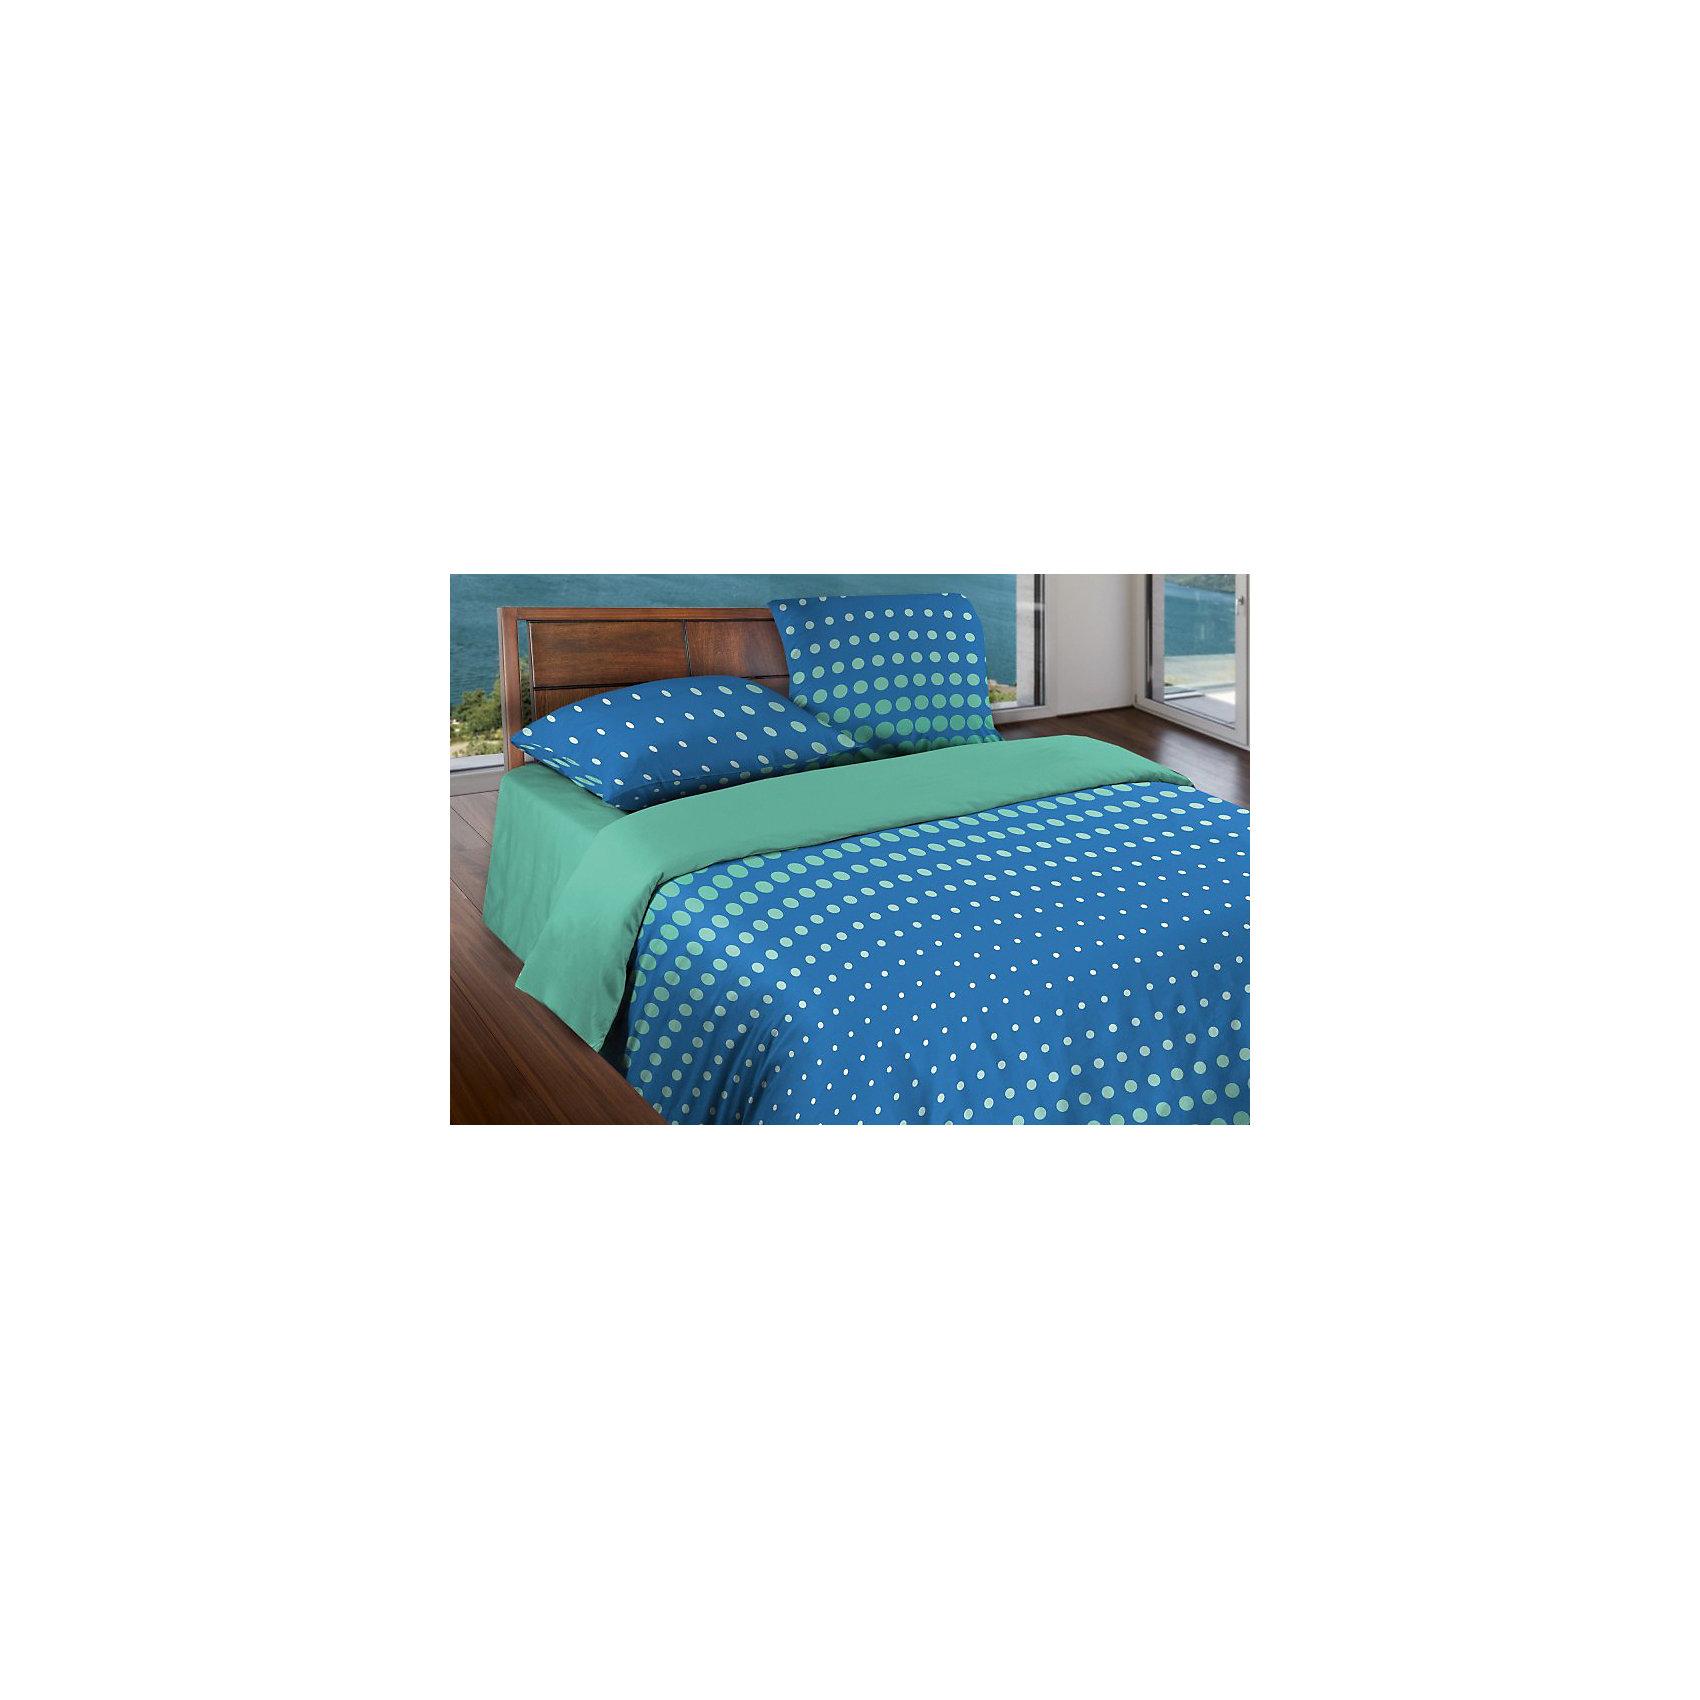 Постельное белье 1,5 сп. Dot Sea Blue БИО Комфорт, Wenge MotionДомашний текстиль<br>Характеристики 1,5 спального комплекта постельного белья   Dot Sea Blue  БИО Комфорт, Wenge Motion:<br><br>- производитель: Неотек<br>- материал: бязь<br>- состав: 100% хлопок<br>- размер комплекта: полутораспальный<br>- размер пододеяльника: 215*145 см.<br>- размер простыни: 220*150 см.<br>- размер наволочек: 70*70 (2 шт)<br>- упаковка комплекта: книжка пвх<br>- страна бренда: Россия<br>- страна производитель: Россия<br><br>Комплект 1,5 спальный белья  Dot Sea Blue  серии Wenge Motion - это комплект для людей с чувством юмора, молодых душой, активных и современных. Актуальный дизайн, авторская упаковка в сочетании с качественными материалами и приемлемой ценой составляют залог успеха  Dot Sea Blue . Комплект изготовлен из бязи - это 100% хлопок самого простого полотняного переплетения из достаточно толстых, но мягких нитей. Постельное белье из этой ткани приятный на ощупь и лучше пропускает воздух. Благодаря современным технологиям окраски, простыни не теряют свой цвет даже после множества стирок. По своим свойствам бязь уступает сатину, что окупается низкой стоимостью и неприхотливостью в уходе.<br><br>Комплекта постельного белья   Dot Sea Blue   серии Wenge Motion можно купить в нашем интернет-магазине.<br><br>Ширина мм: 370<br>Глубина мм: 70<br>Высота мм: 370<br>Вес г: 1400<br>Возраст от месяцев: 36<br>Возраст до месяцев: 216<br>Пол: Унисекс<br>Возраст: Детский<br>SKU: 5100108